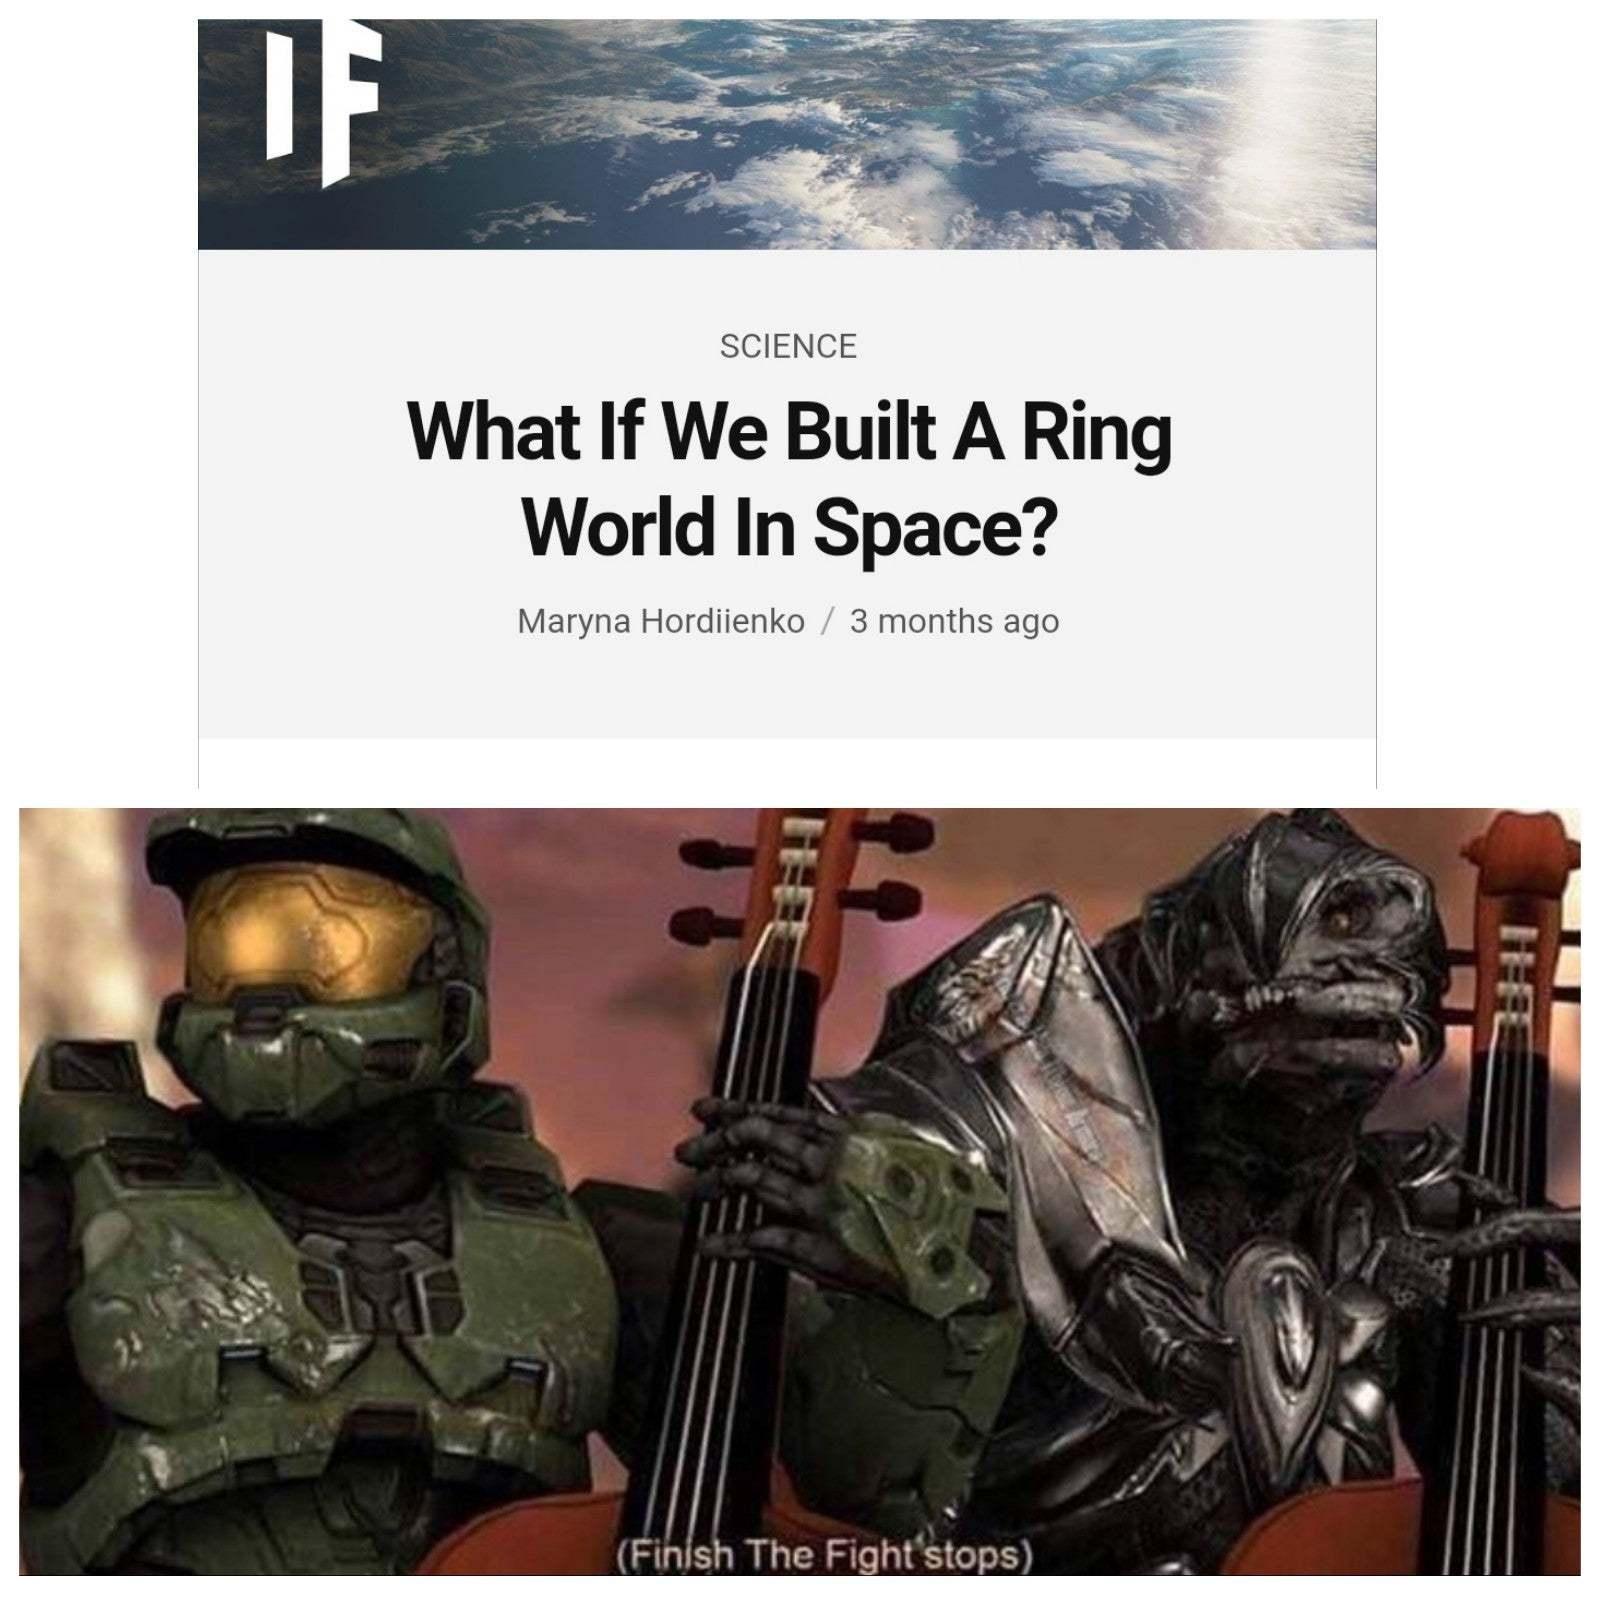 E se nós construissemos um mundo em forma de anel no espaço? - meme